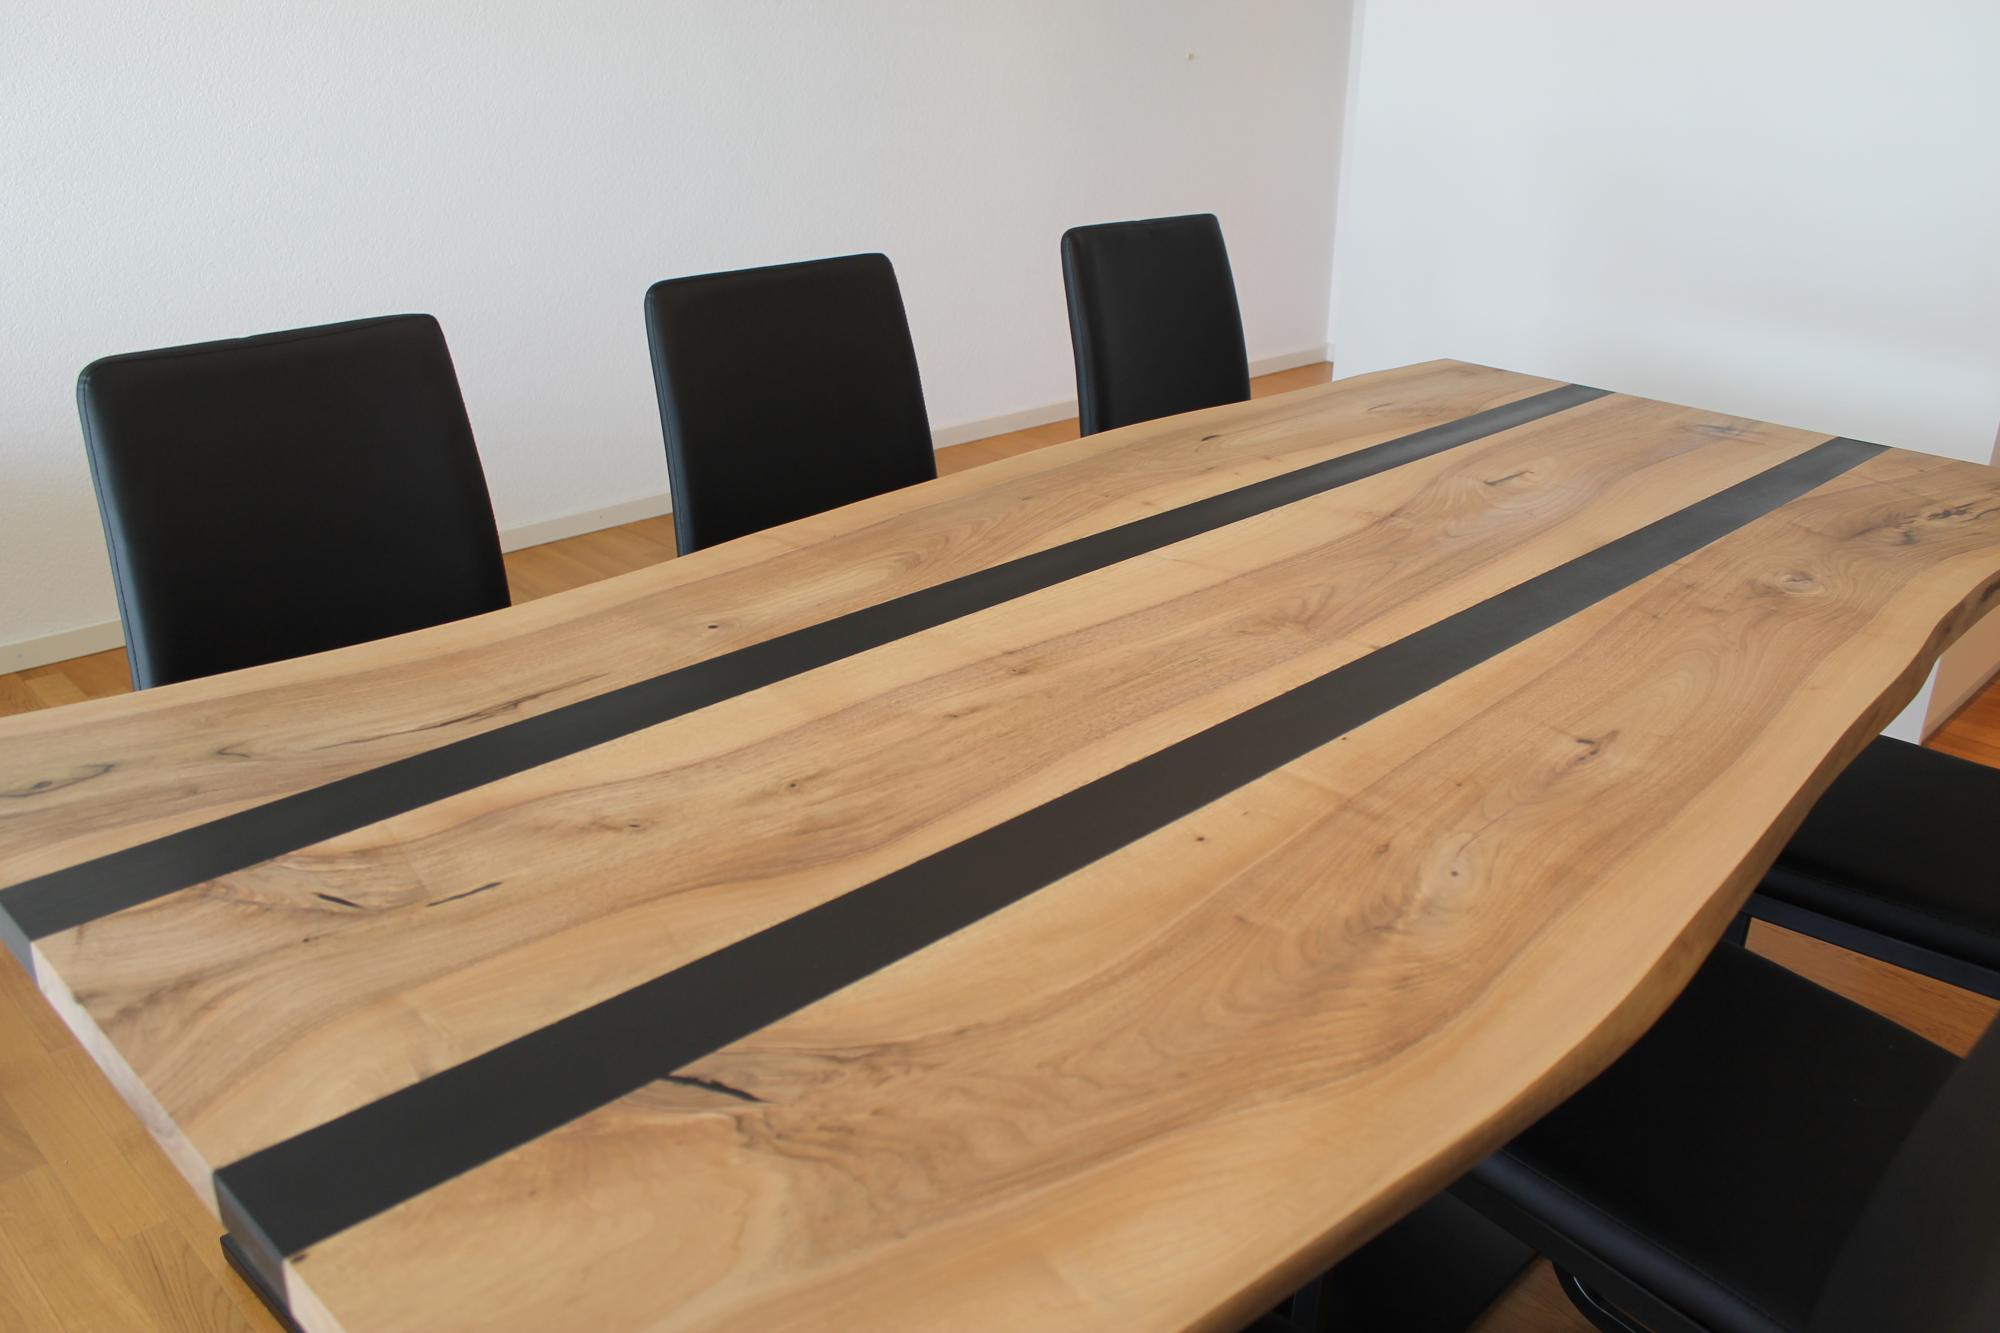 Der massive Nussbaum-Tisch